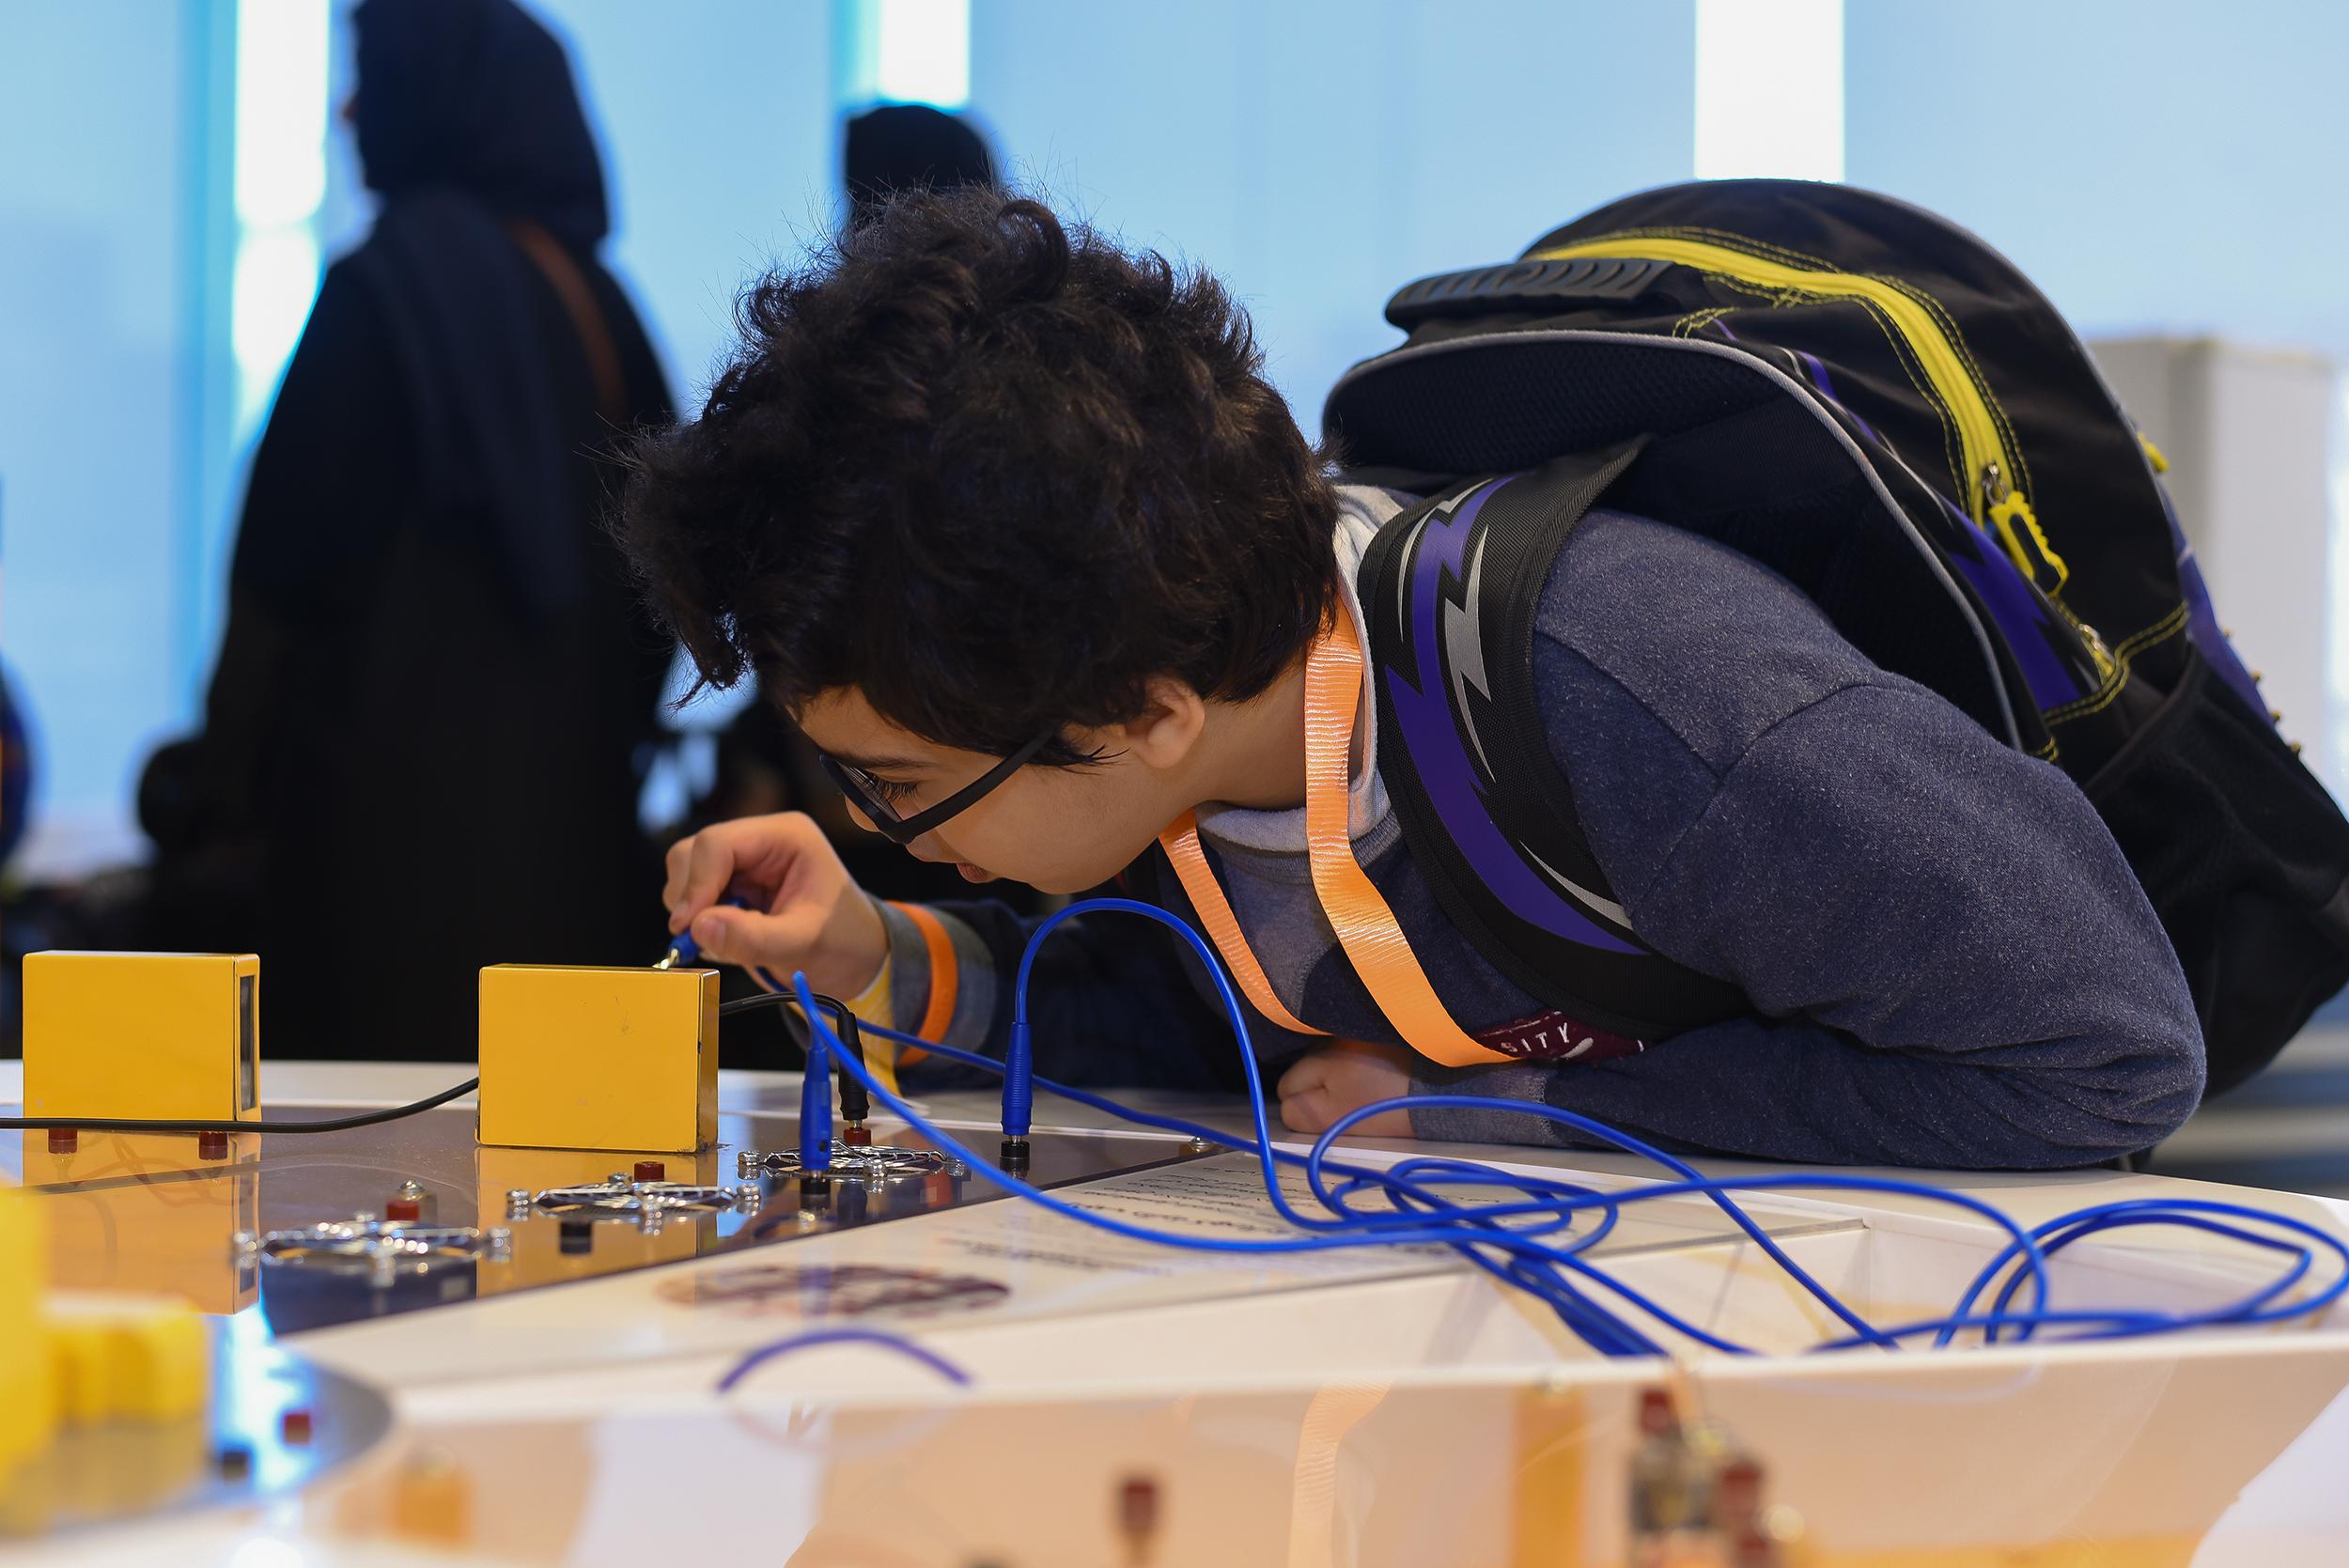 مستكشفو طاقة المستقبل من ذوي الأحتياجات الخاصة